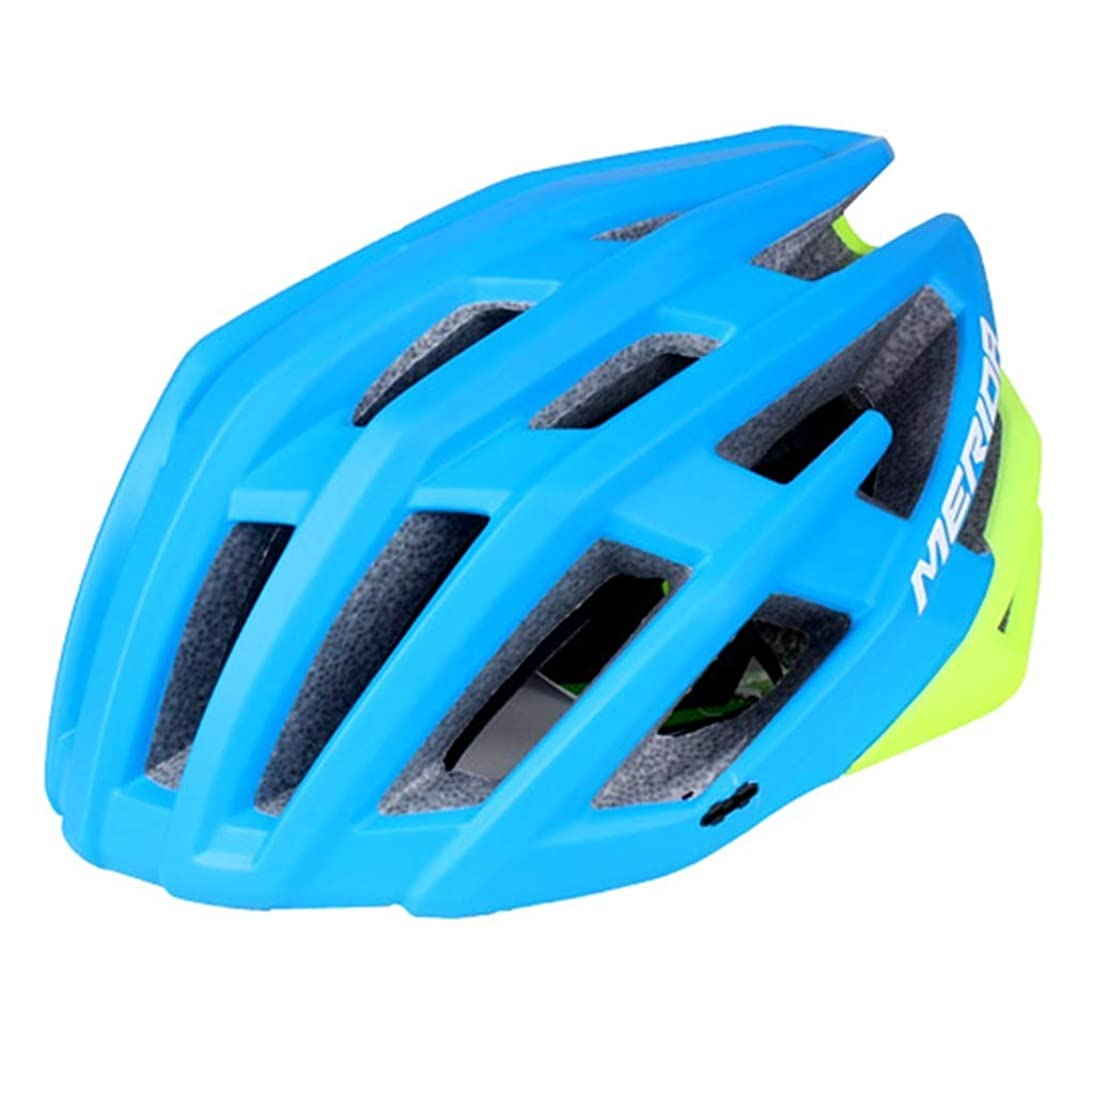 ぺディカブすり減るトライアスリート自転車用マウンテンバイクロードバイク用ヘルメット、ワンピース